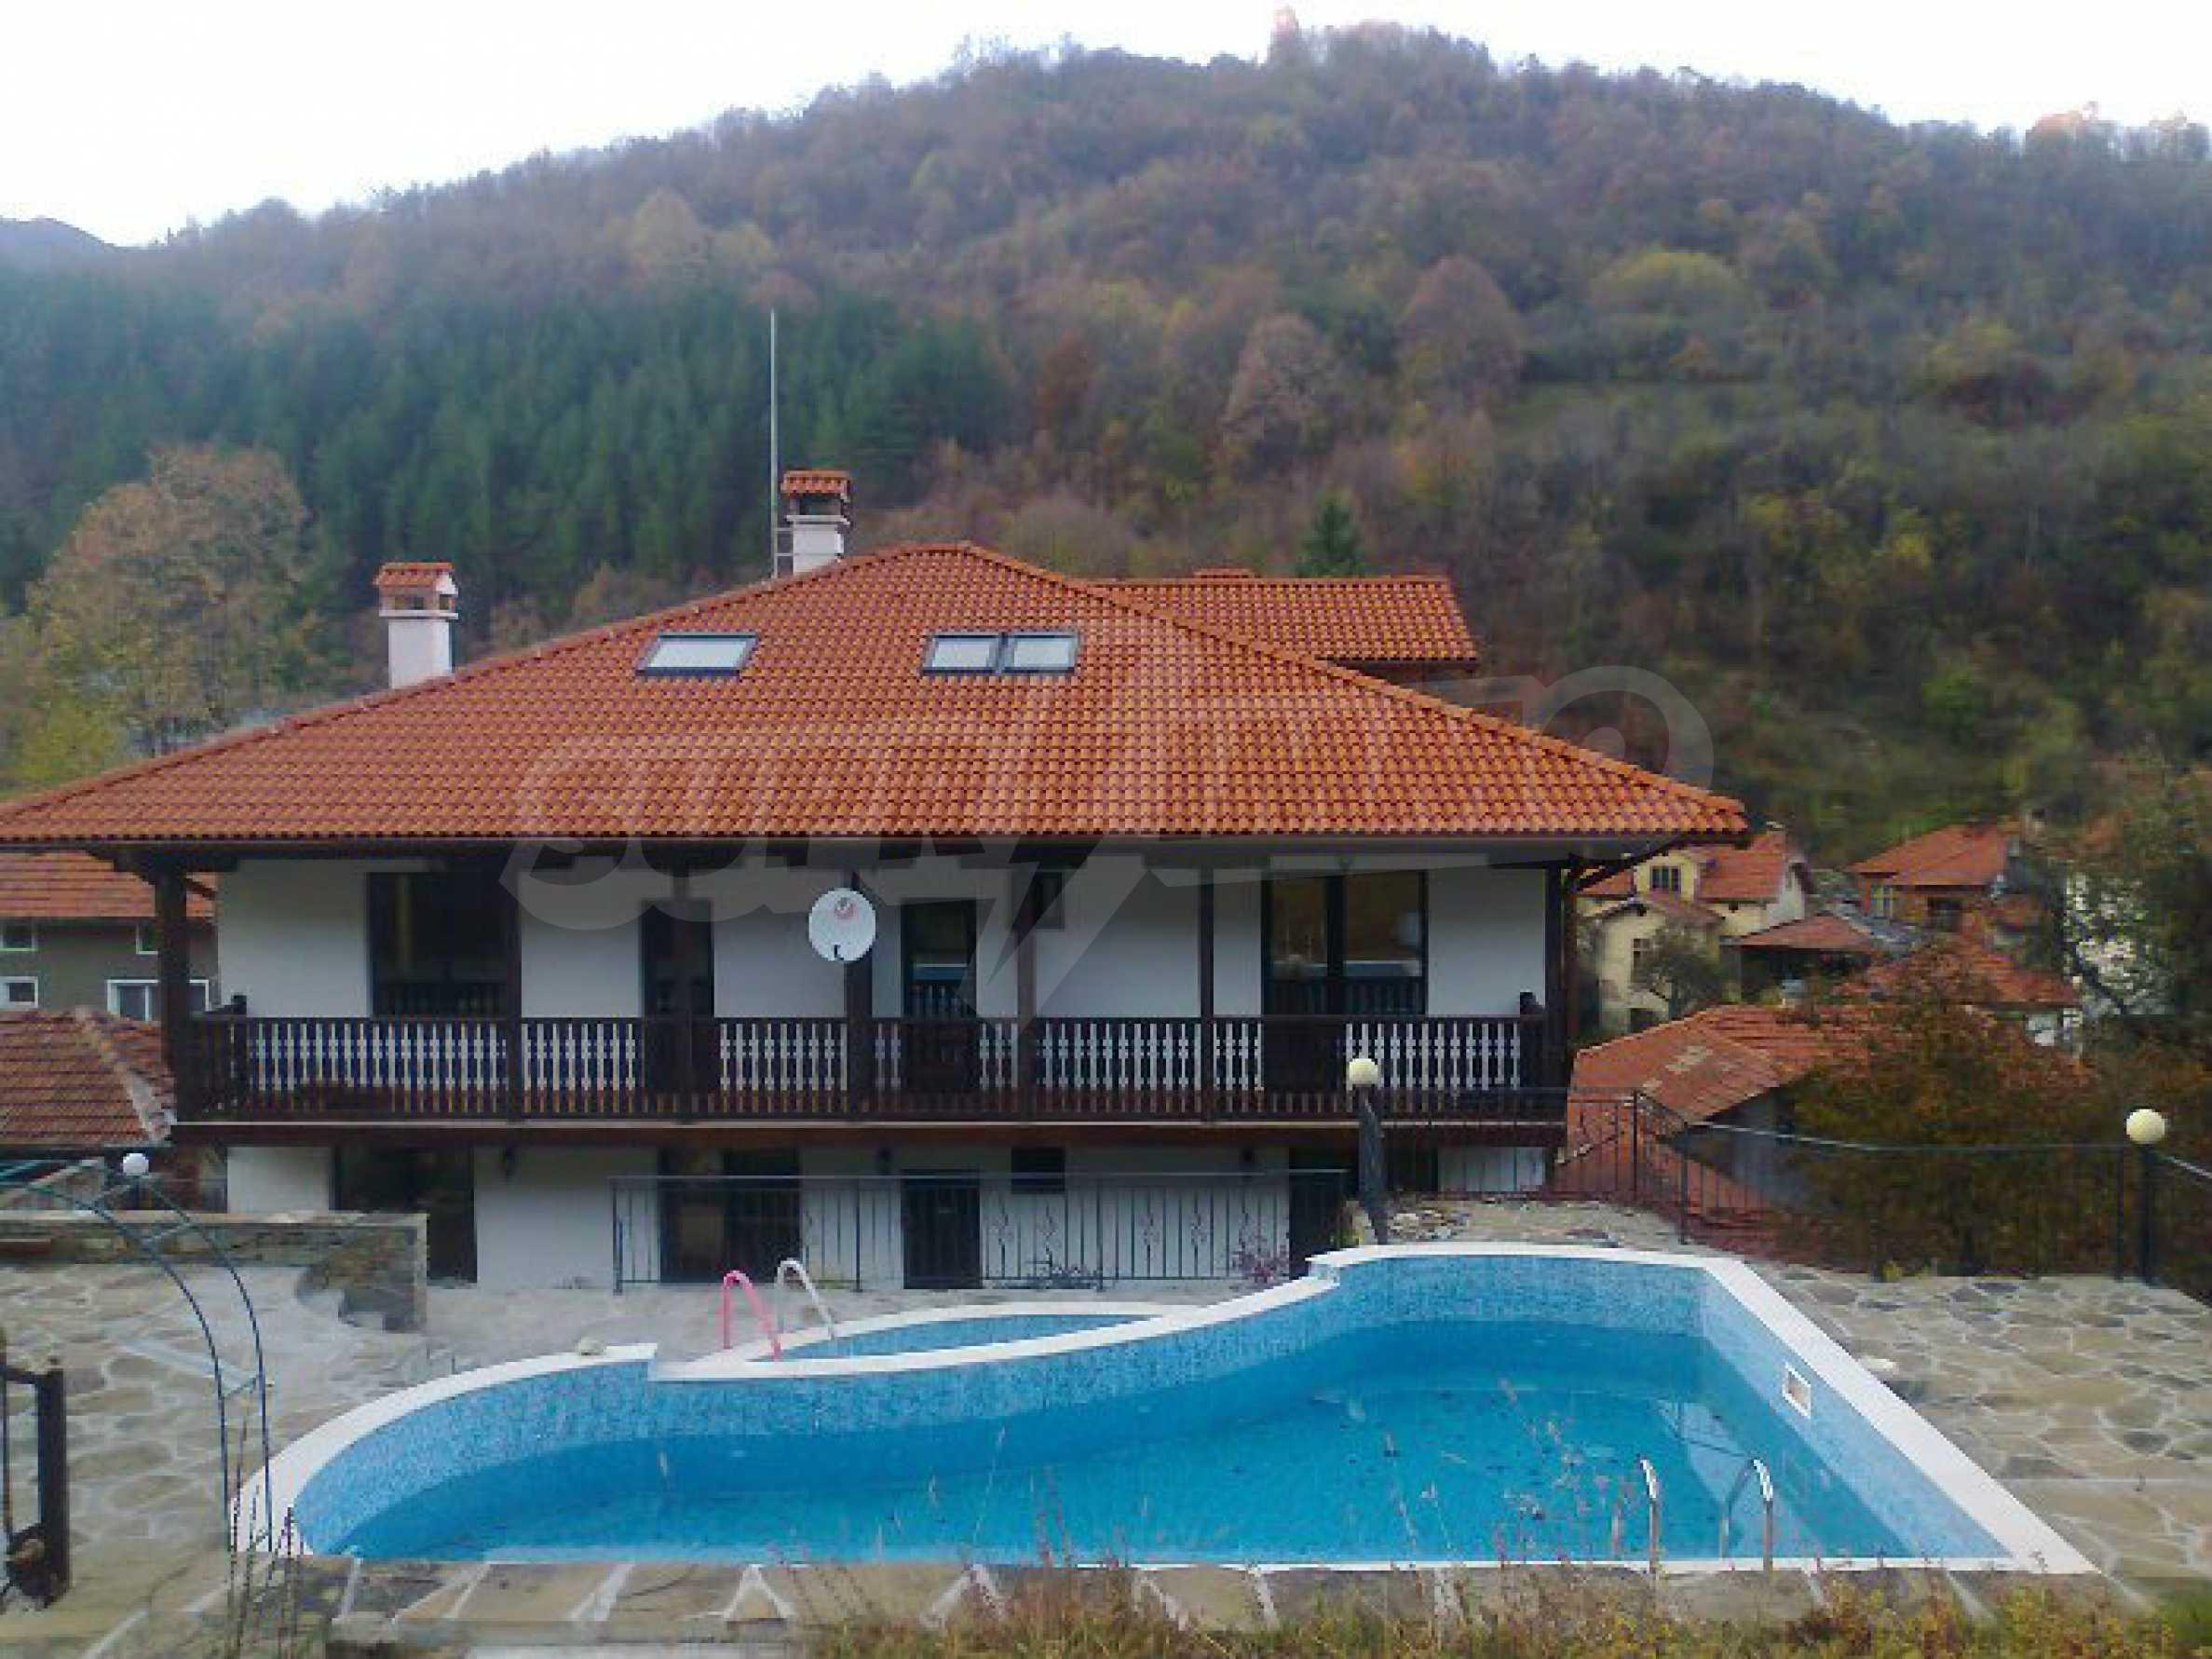 Neu erbautes, komfortabel eingerichtetes Hotel mit Pool im Herzen des Balkangebirges